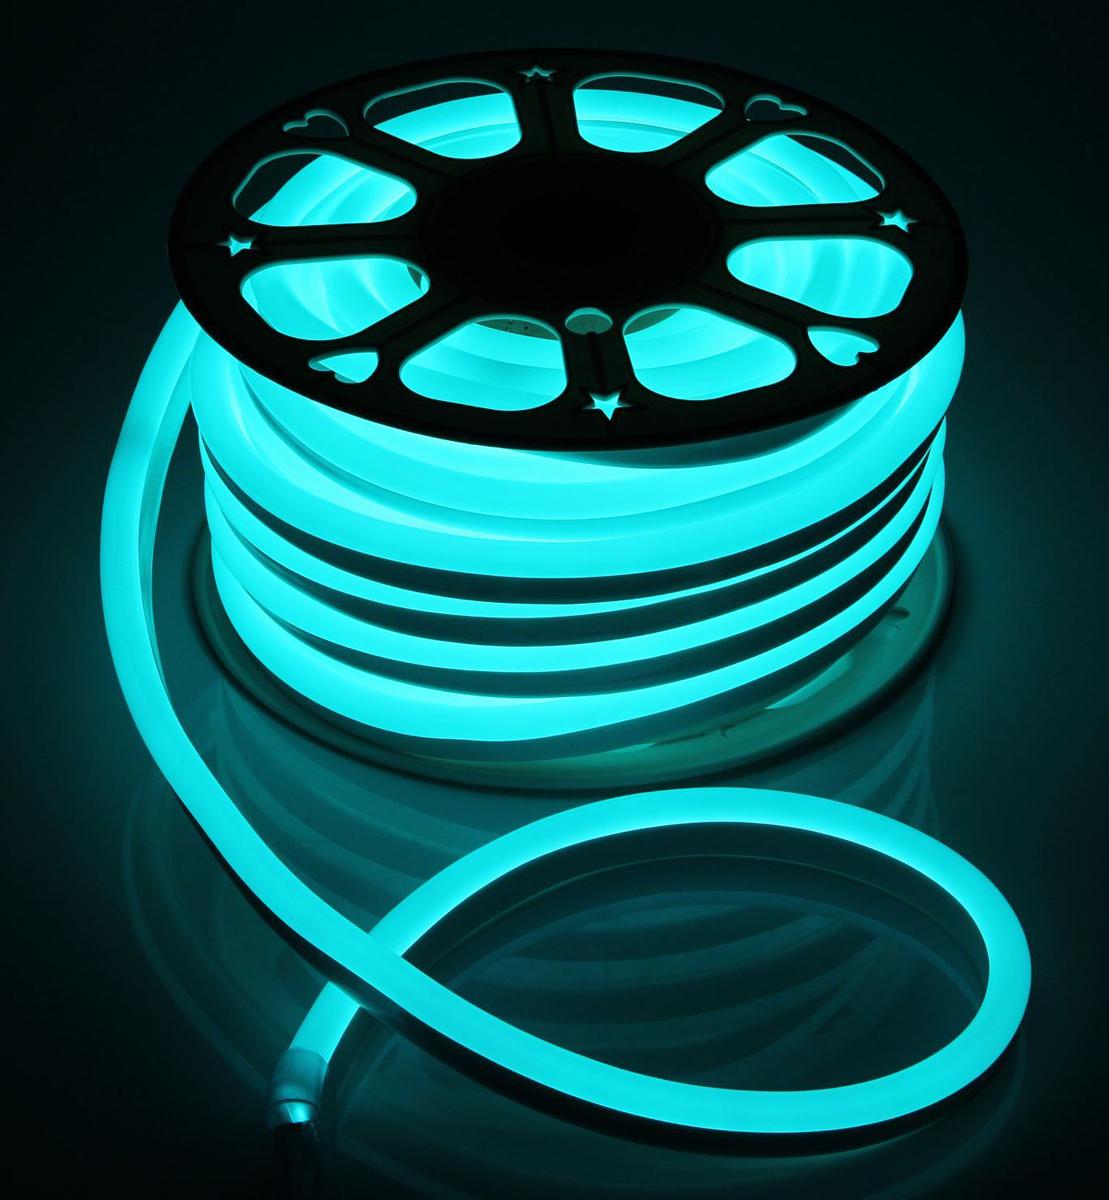 Гирлянда светодиодная  Luazon , 120 ламп, 220 V, цвет: бирюзовый, 1,5 см х 2,5 см х 25 м. 1431317 -  Гирлянды и светильники